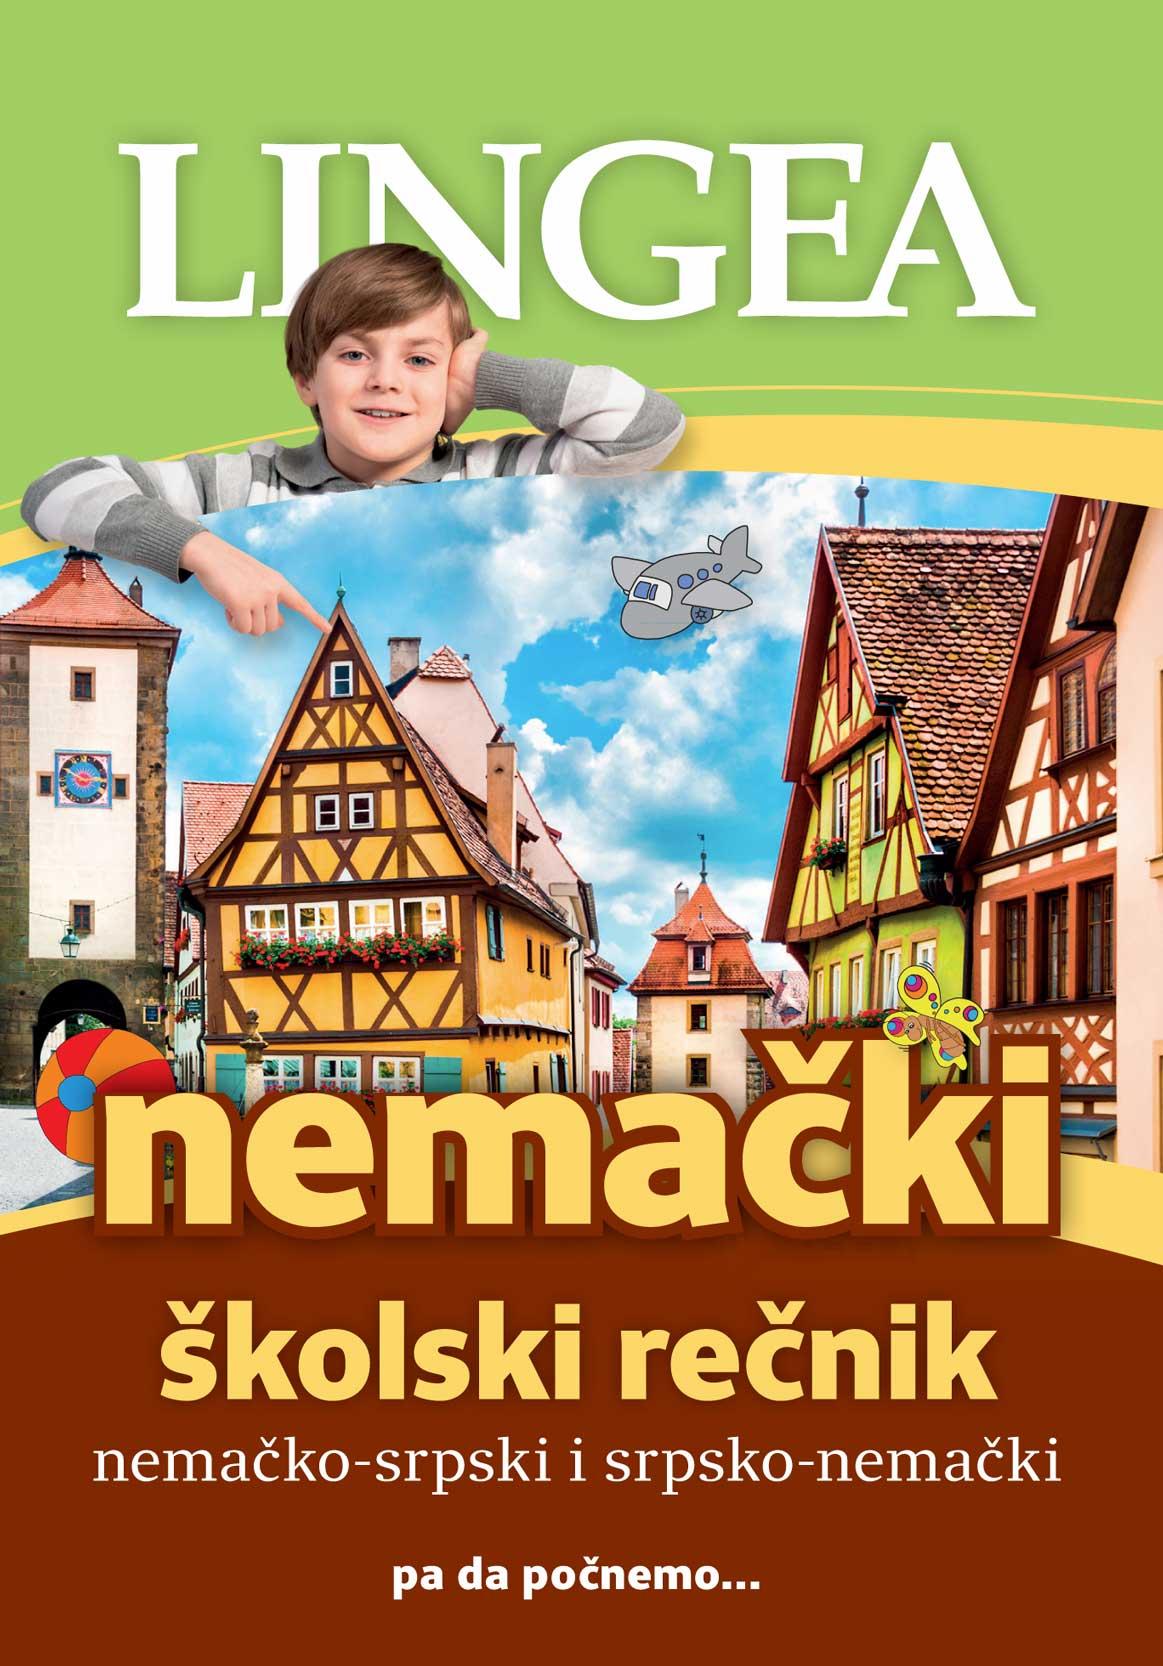 Nemačko-srpski i srpsko-nemački školski rečnik